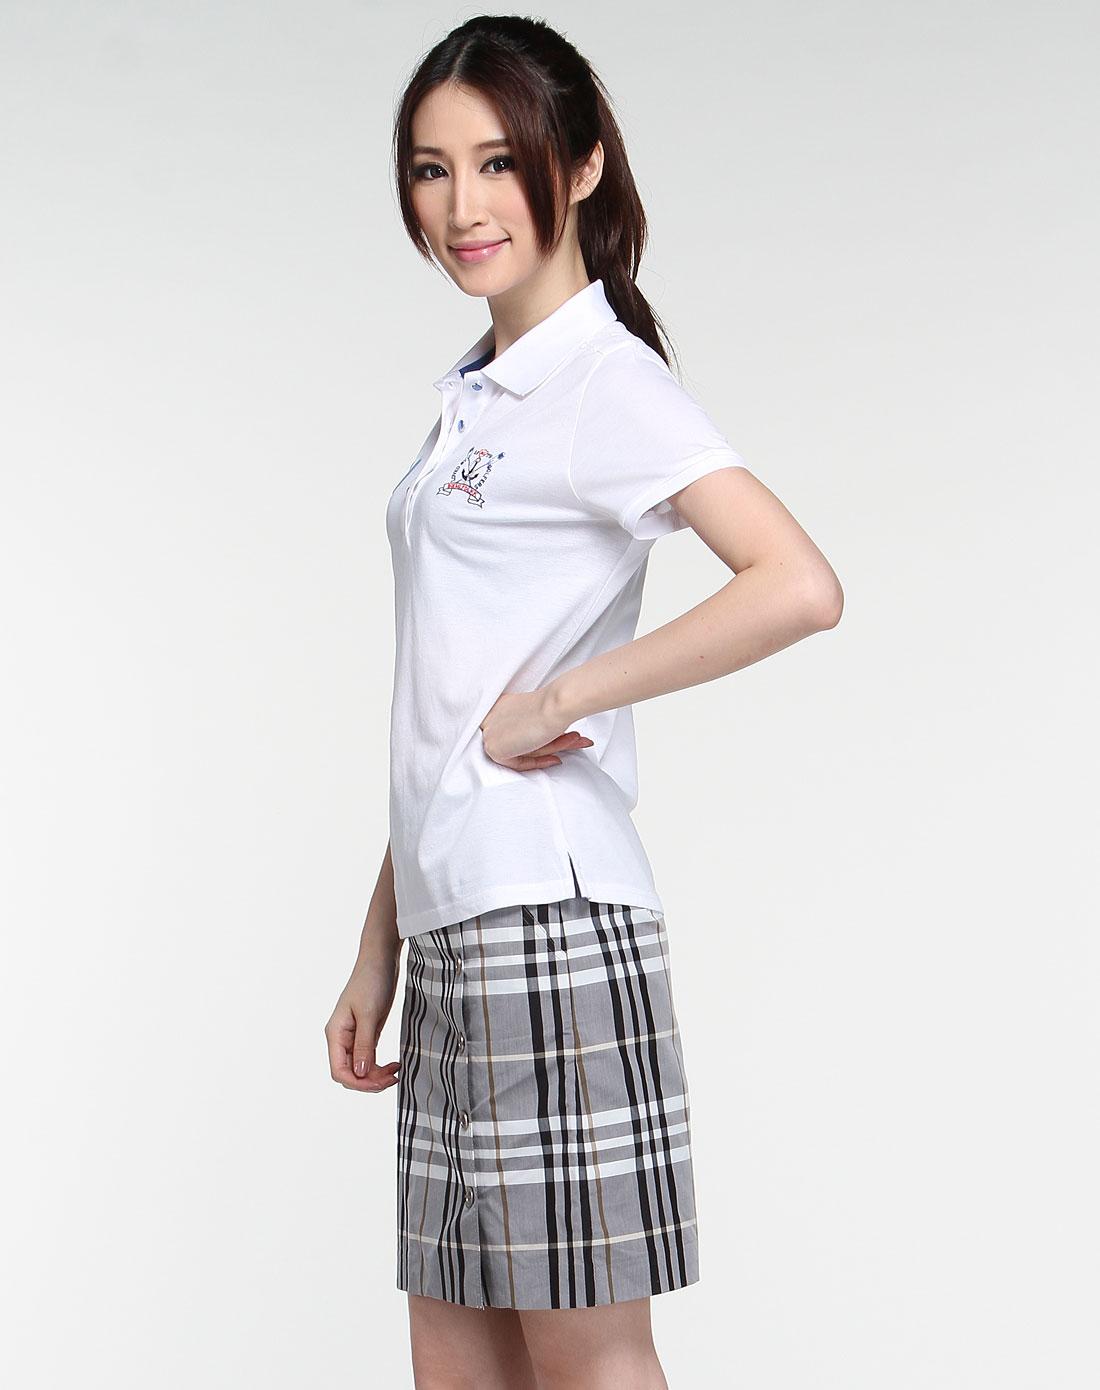 休闲女装夏装短袖